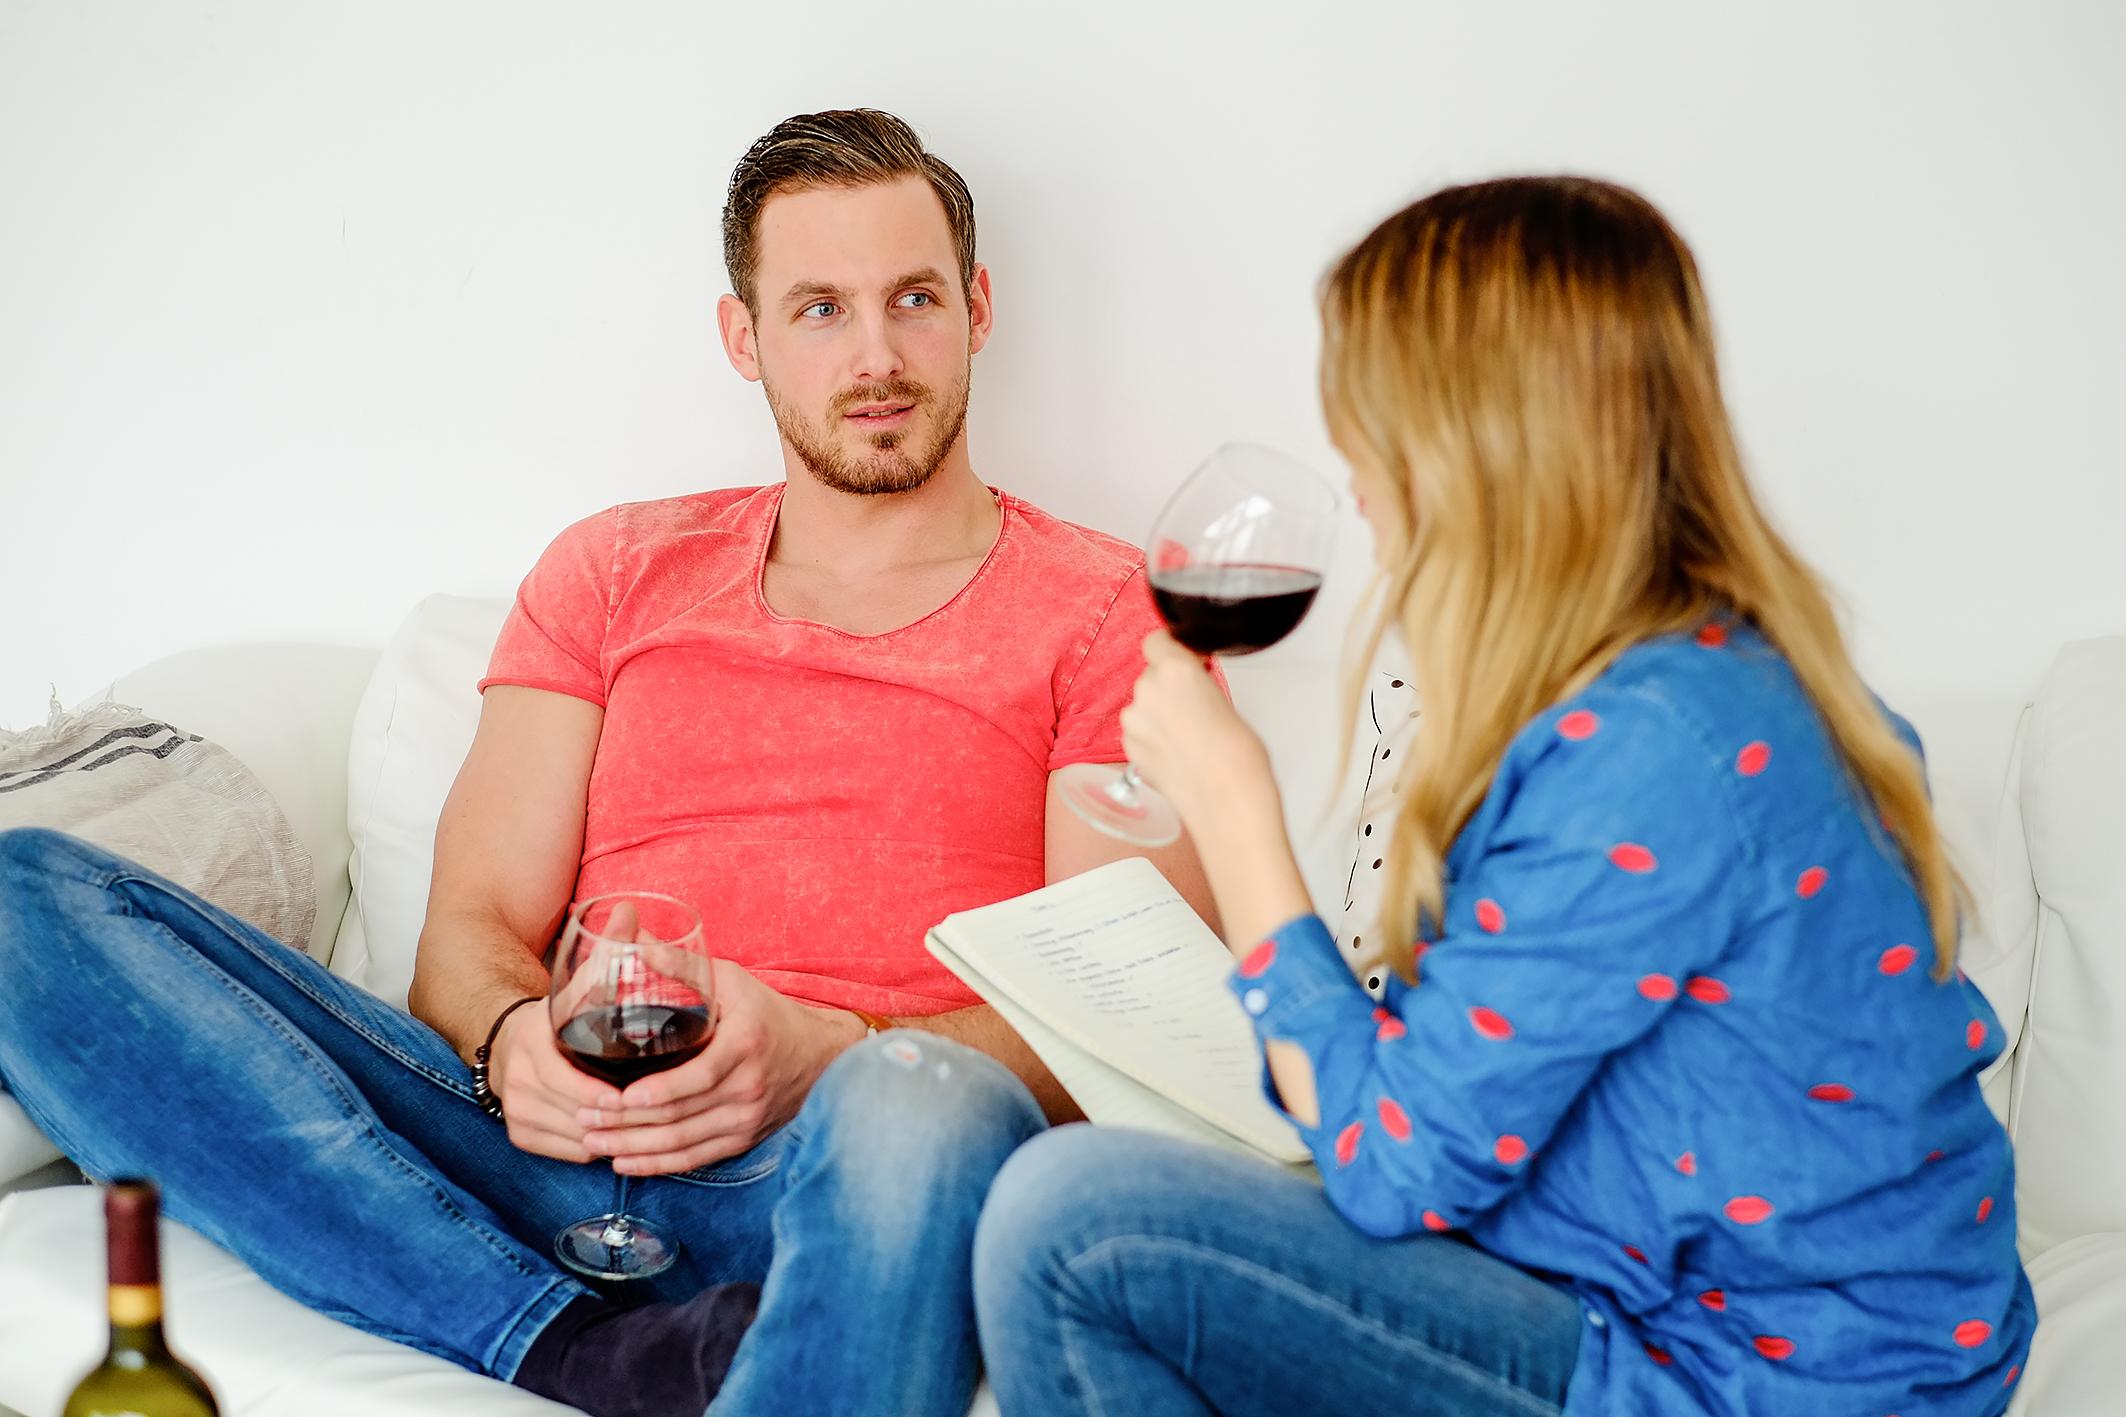 Männer verhalten beim kennenlernen